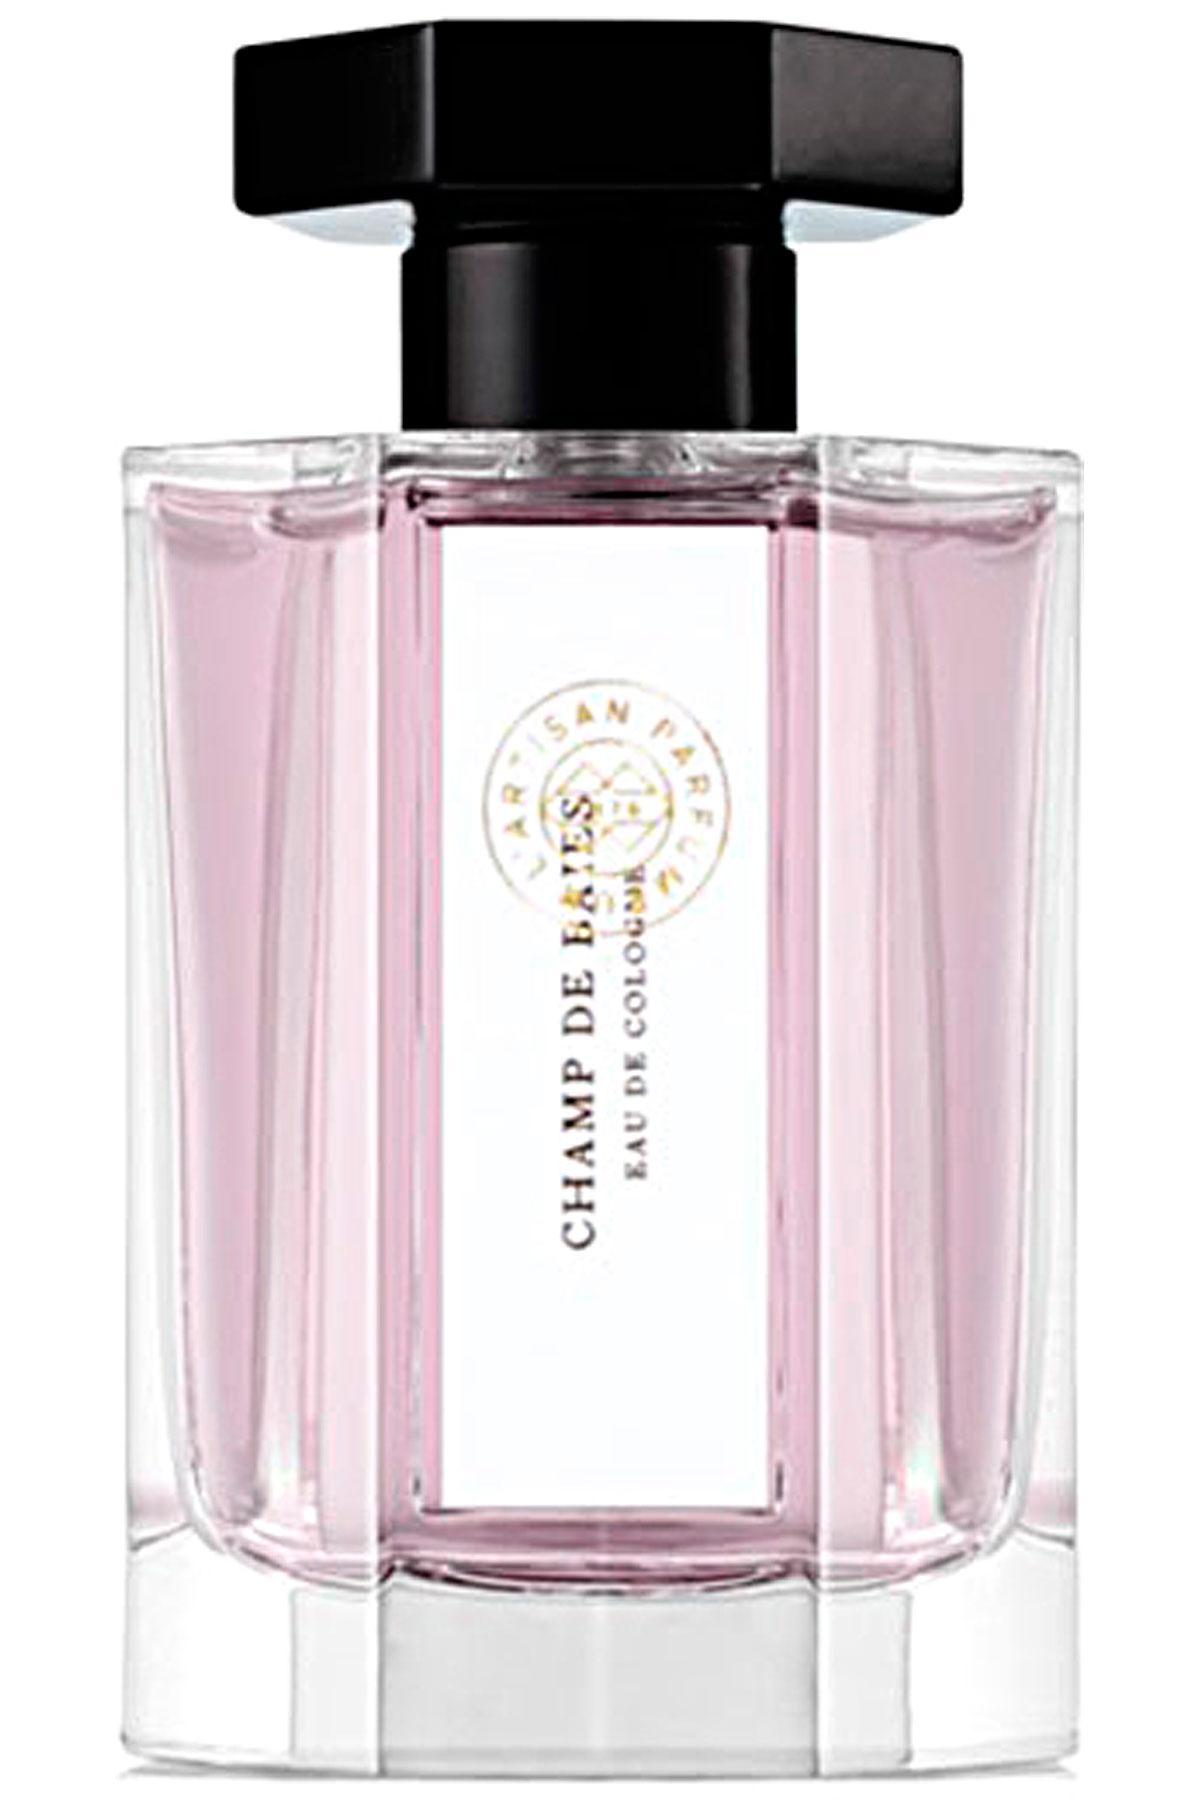 Artisan Parfumeur Fragrances for Men, Champ De Baies - Eau De Cologne - 100 Ml, 2019, 100 ml